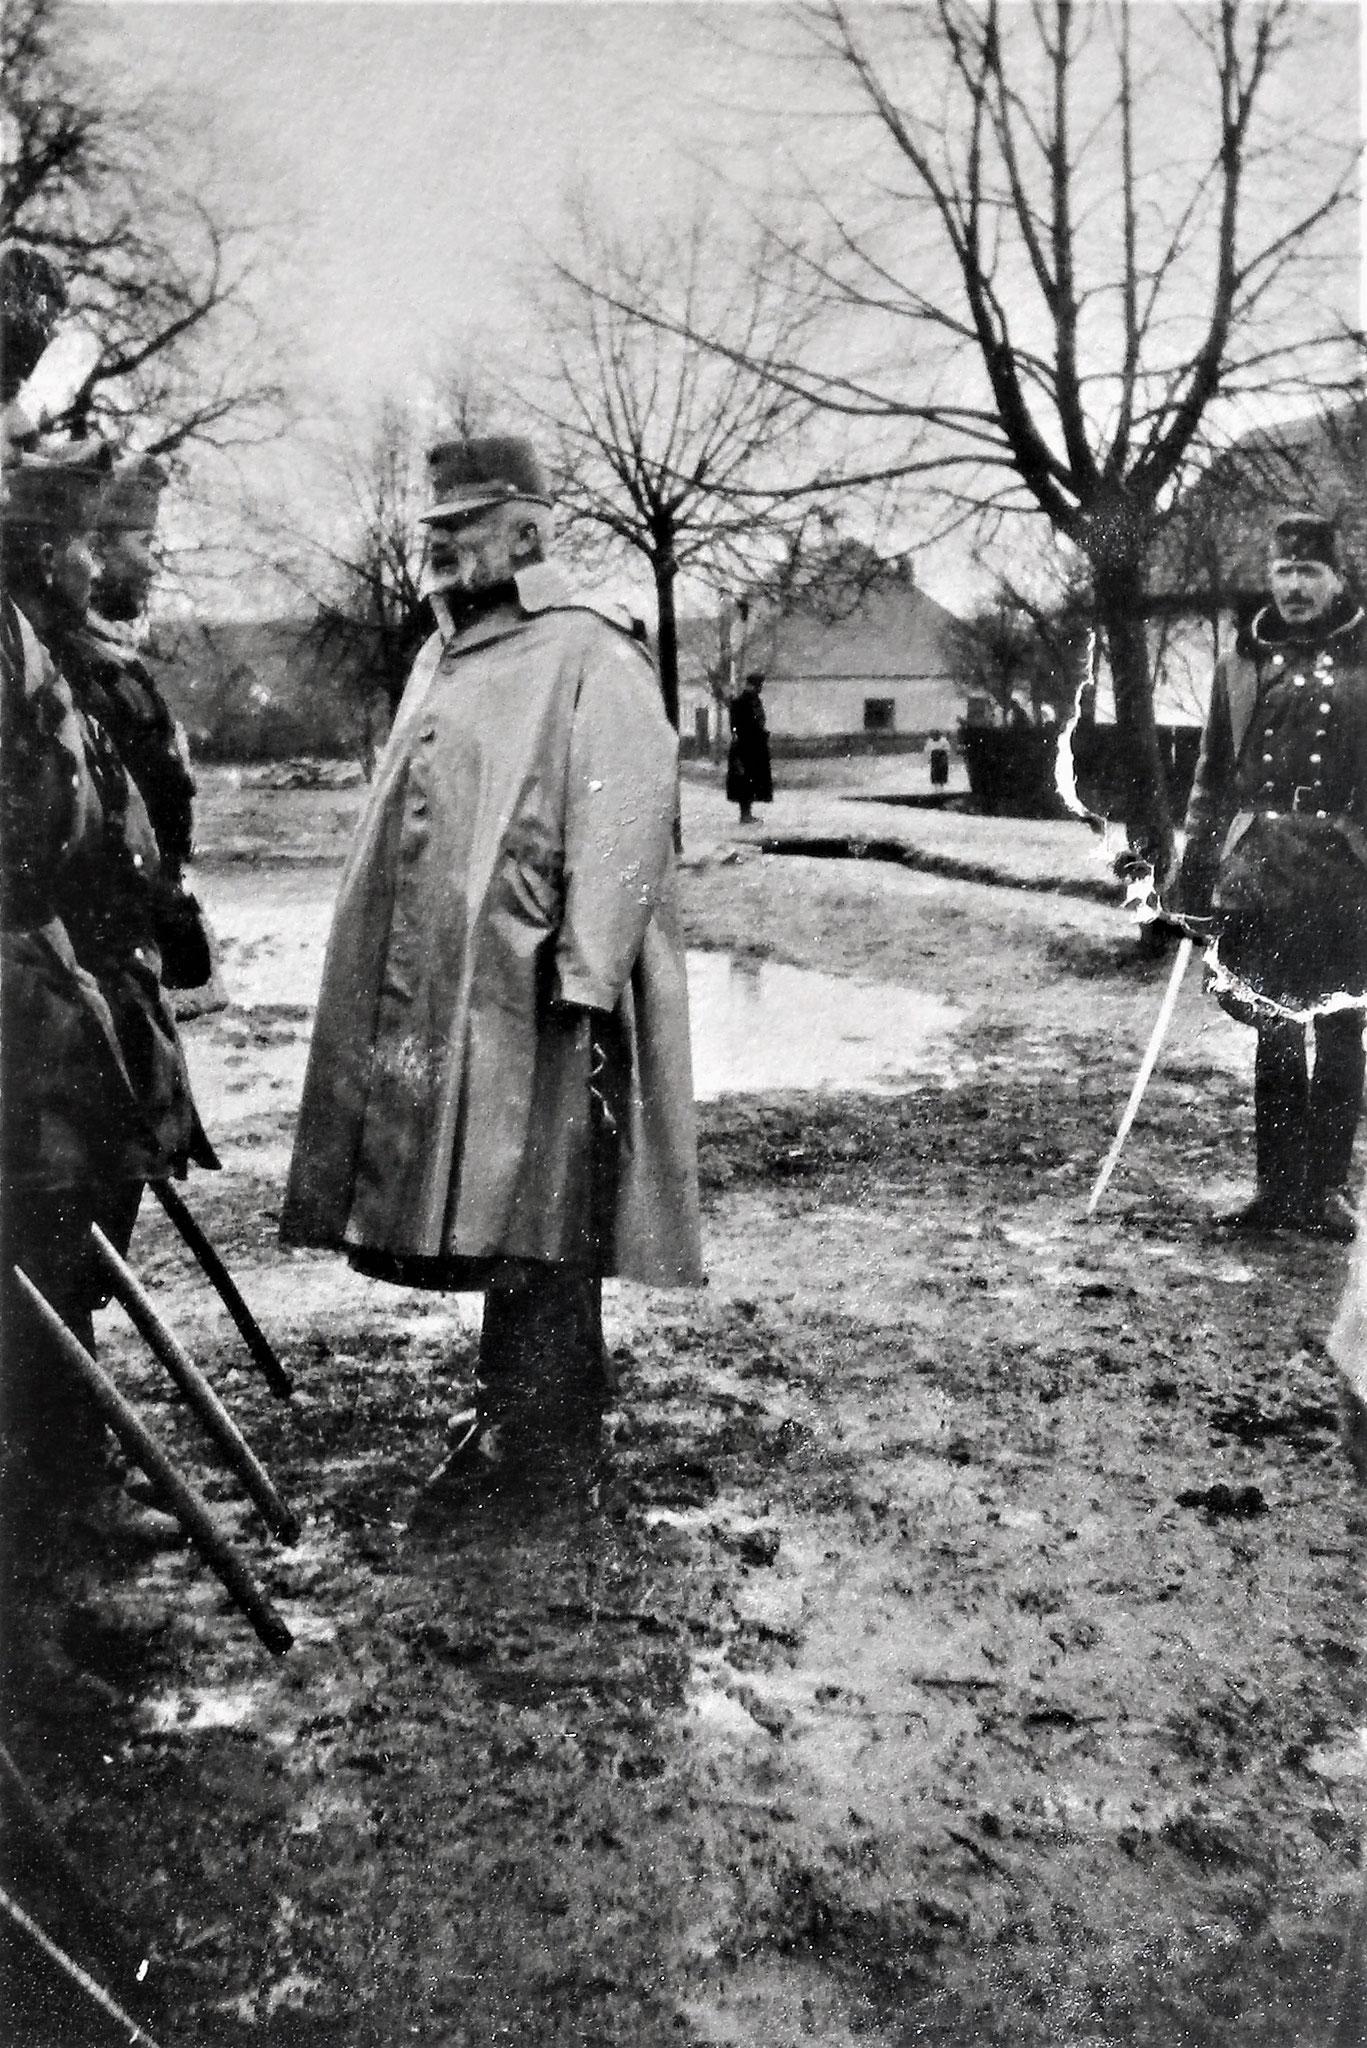 AOKmdt FM. Erzh. Friedrich bei der I. Div /DR 5, Frontbesuch 3. Armee, in Galbatö [Gaboltov].